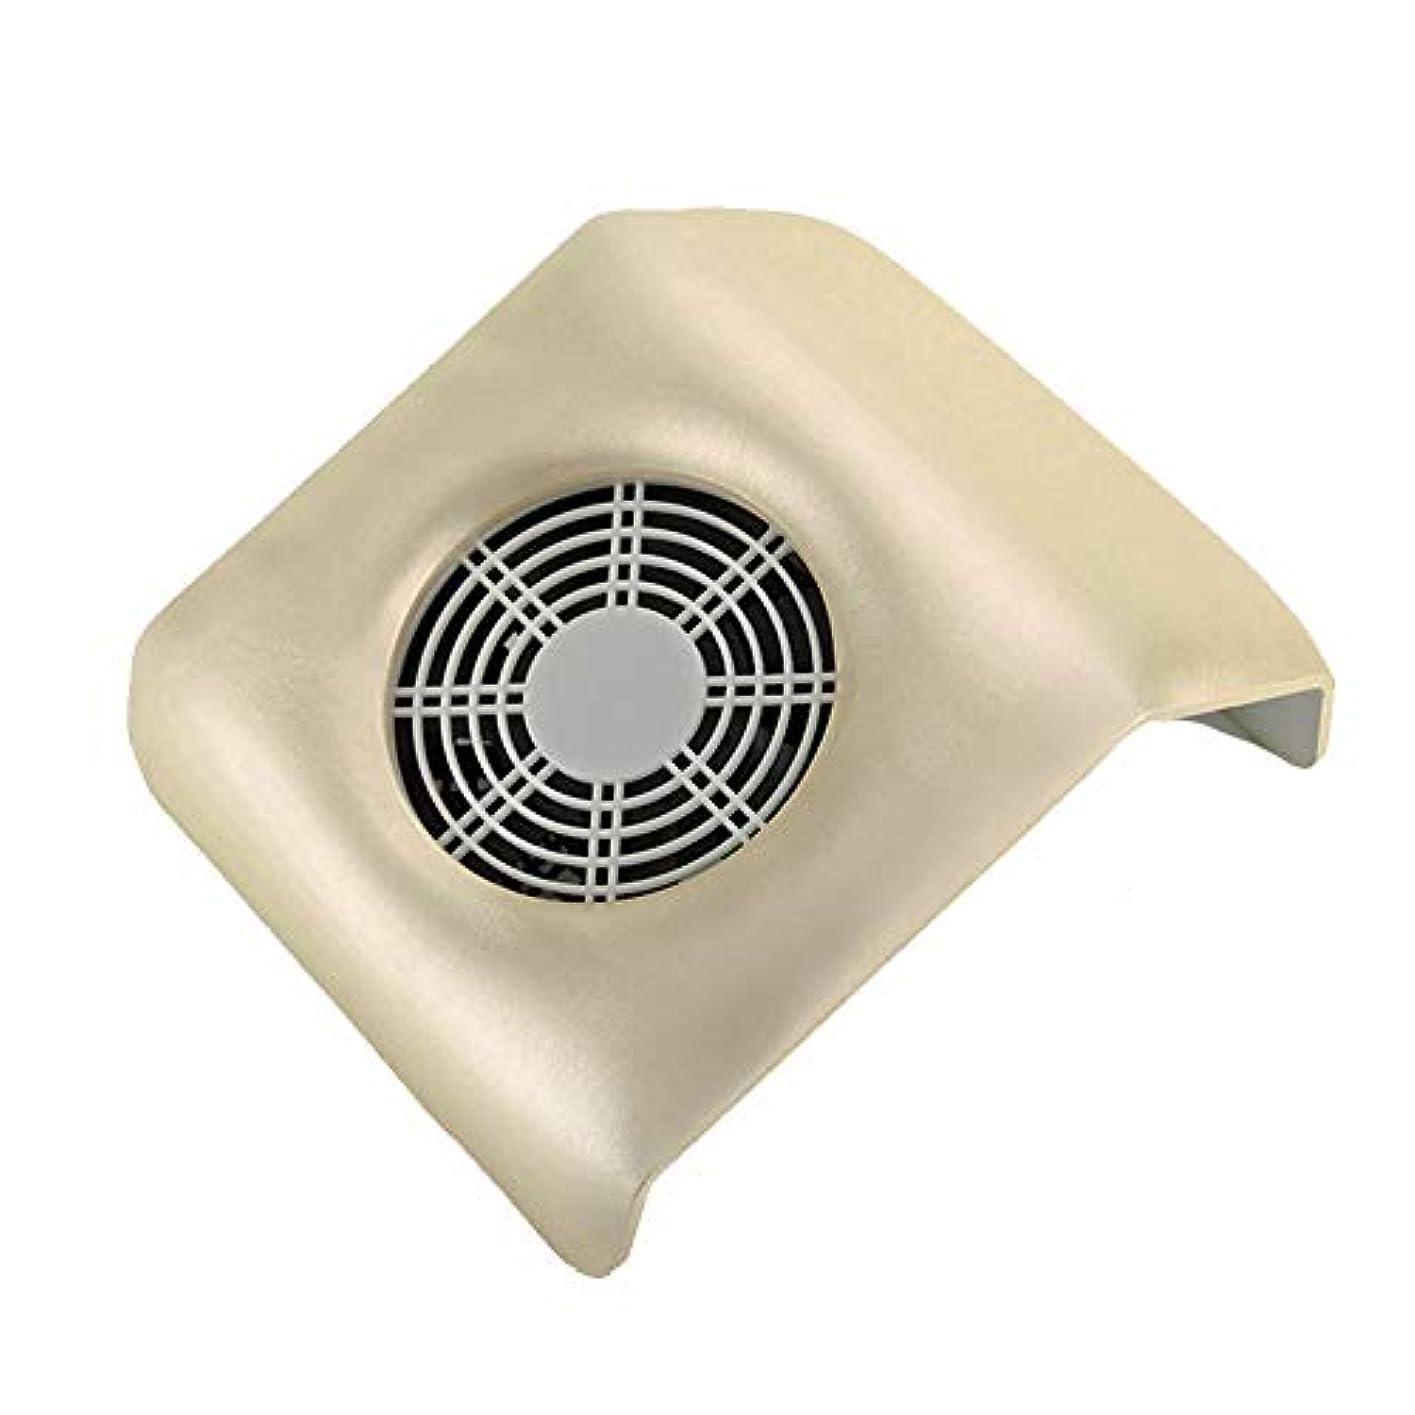 相対的アサート僕のネイル 集塵機 ネイルアート掃除機 ネイルマシン ネイルダスト ダストクリーナー ネイル機器 集塵バッグ付き 金色